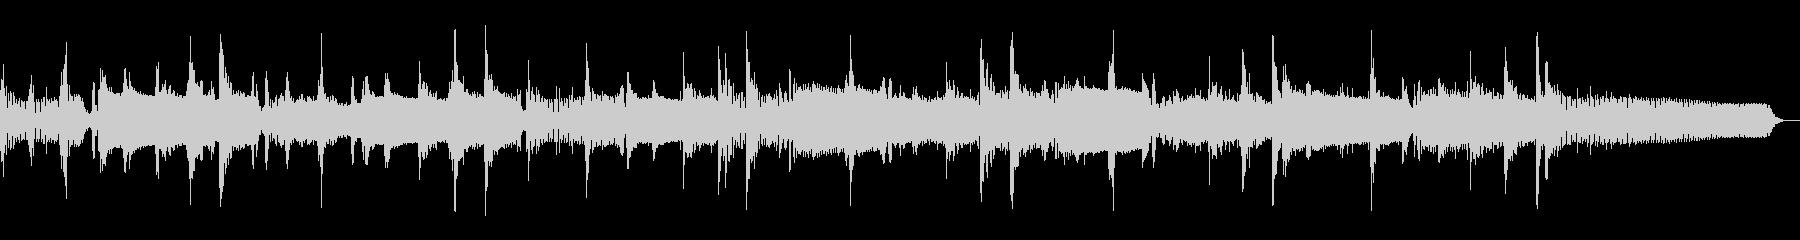 ブエノスディアス、ファーストテンポ...の未再生の波形